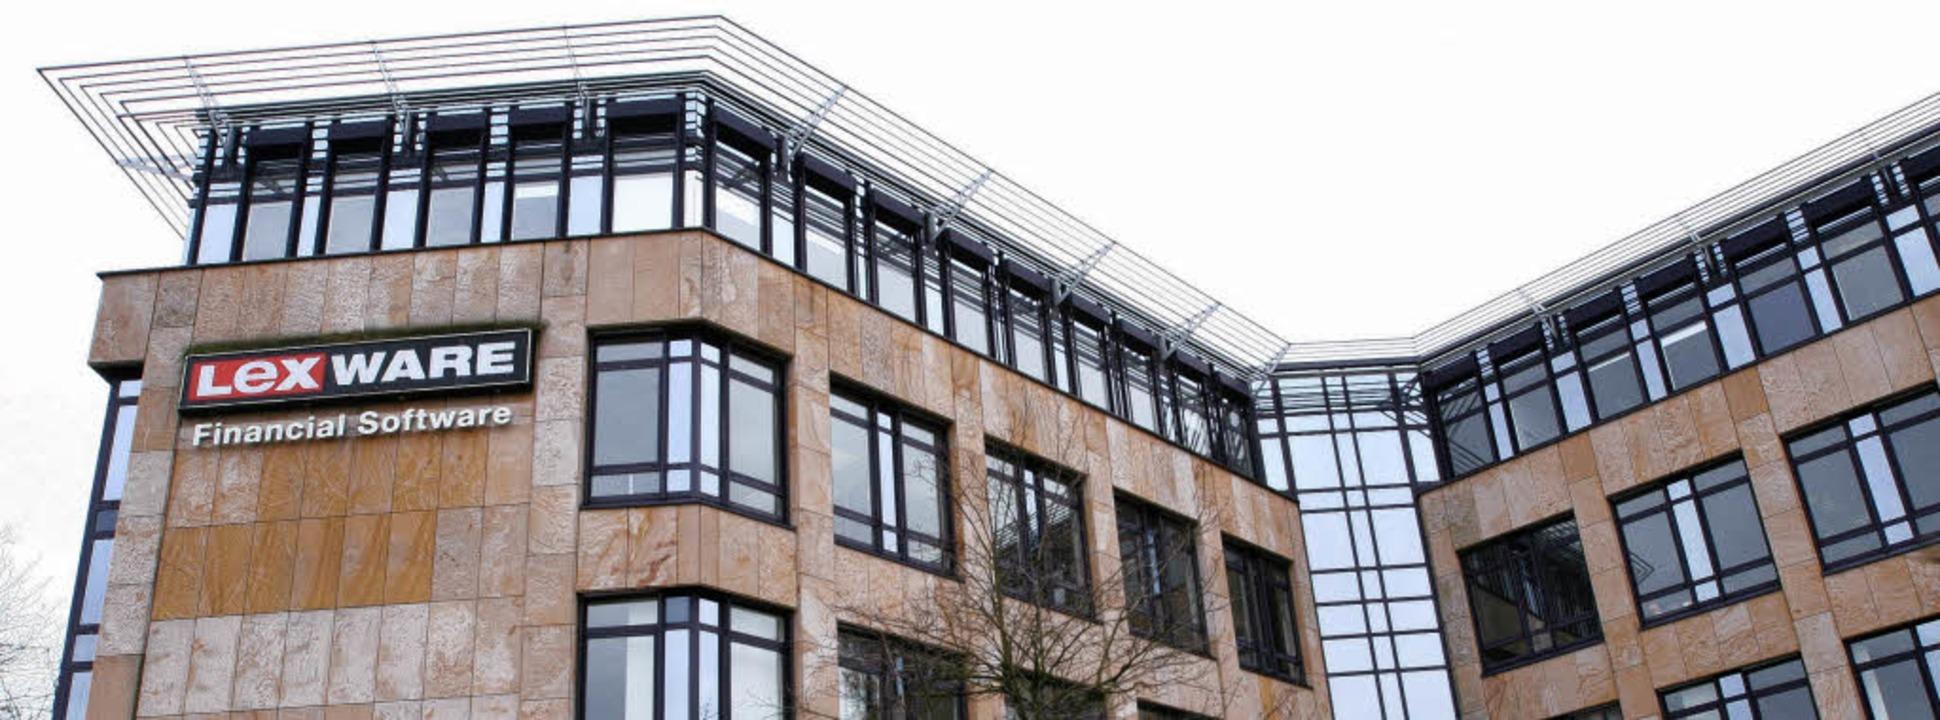 Der Lexware-Firmensitz im Freiburger G...ohin die Messe Cebit sich entwickelt.     Foto: Rita Eggstein